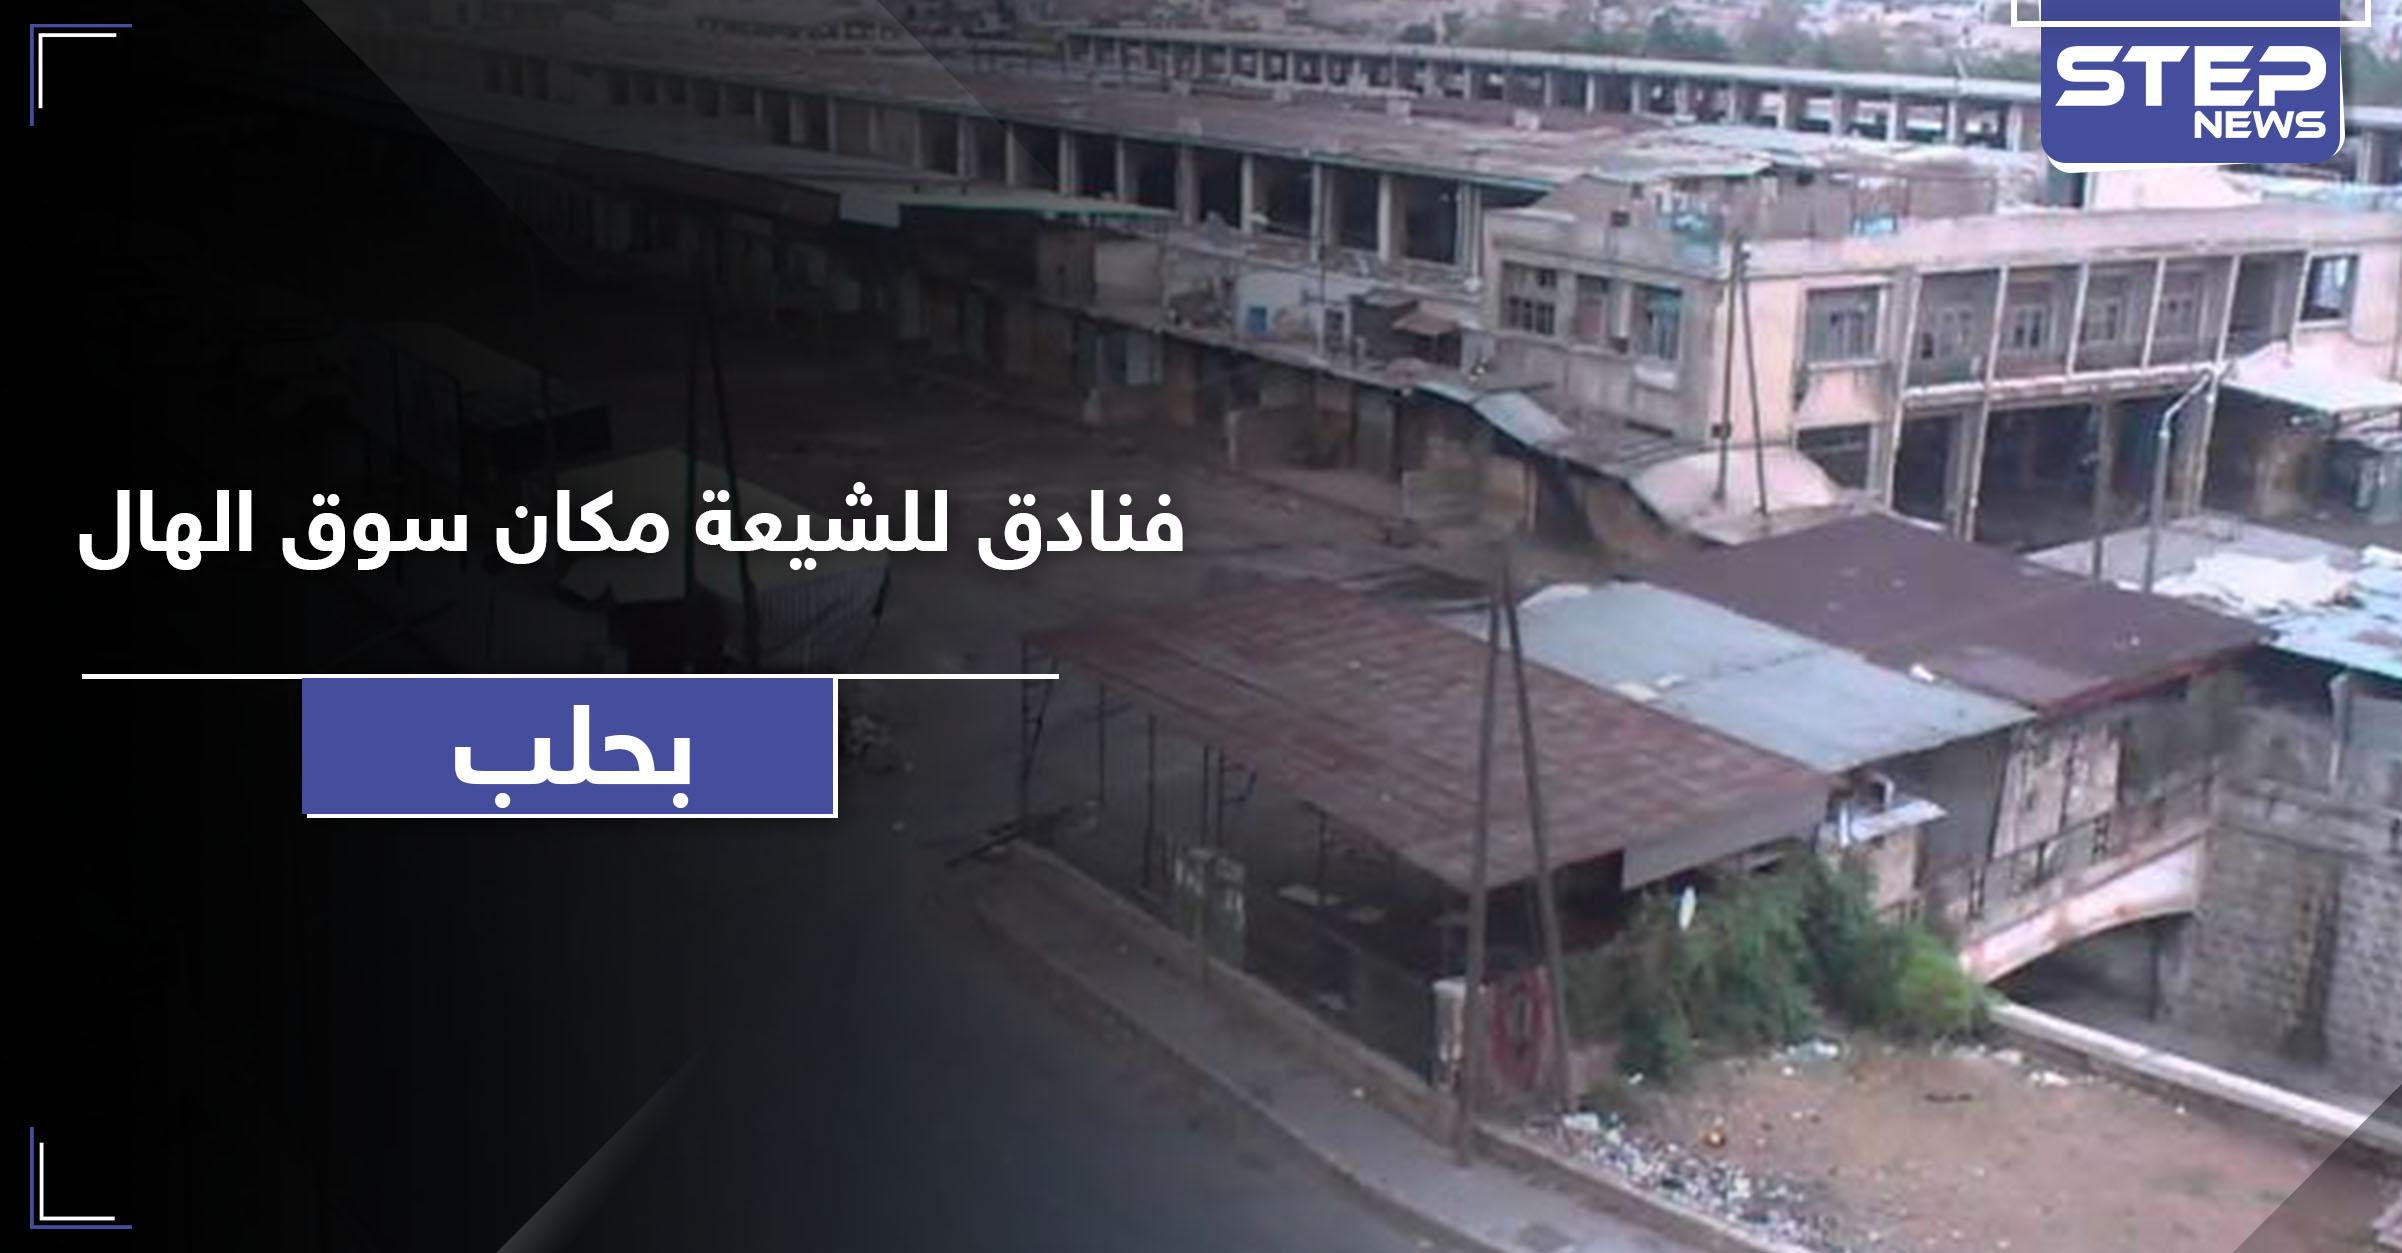 النظام السوري يهدم سوق الهال في باب جنين بـ حلب